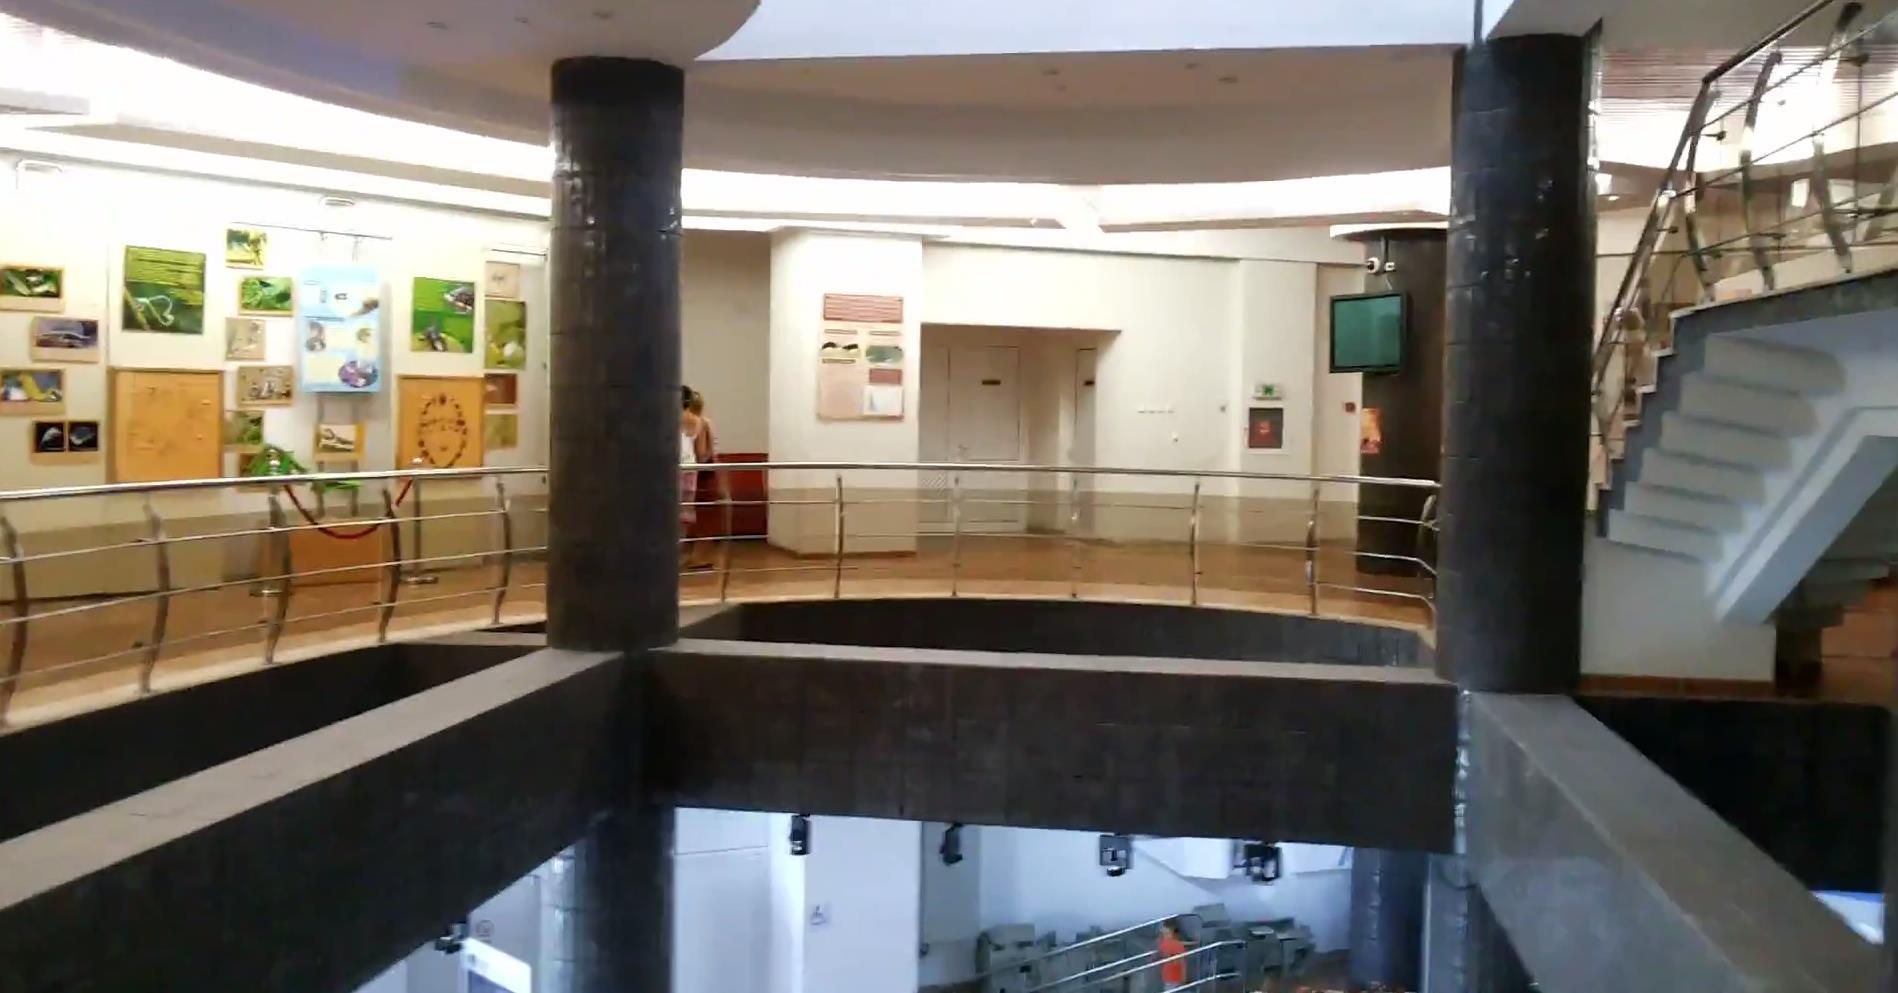 Complexul Muzeal de Stiintele Naturii Galati|365romania.ro